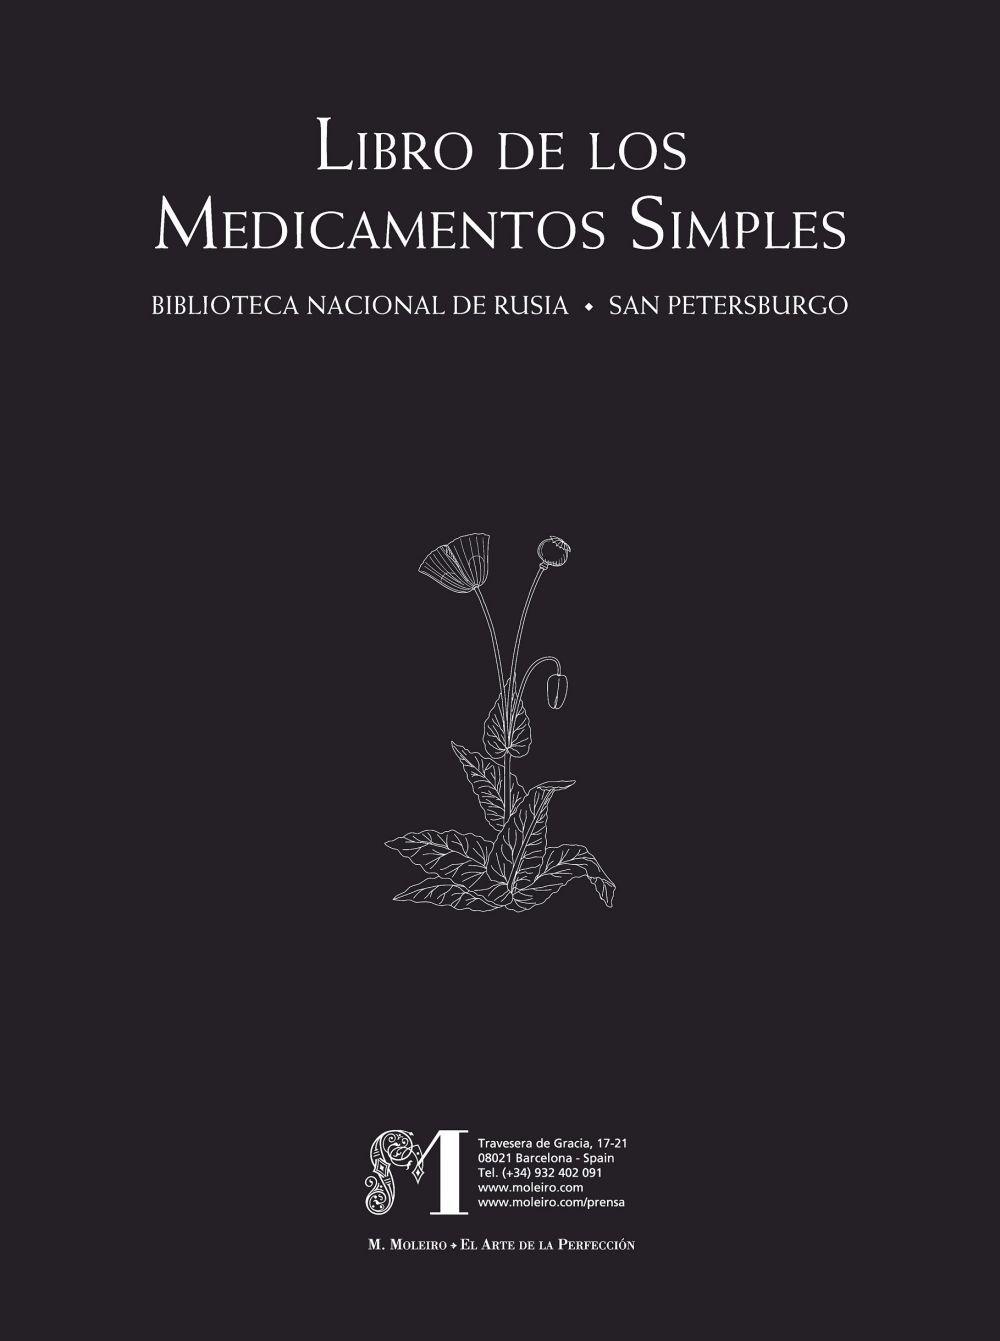 Carpeta 5 folios del Libro de los Medicamentos Simples (s. XV)  Carpeta en la que se presentan las láminas.